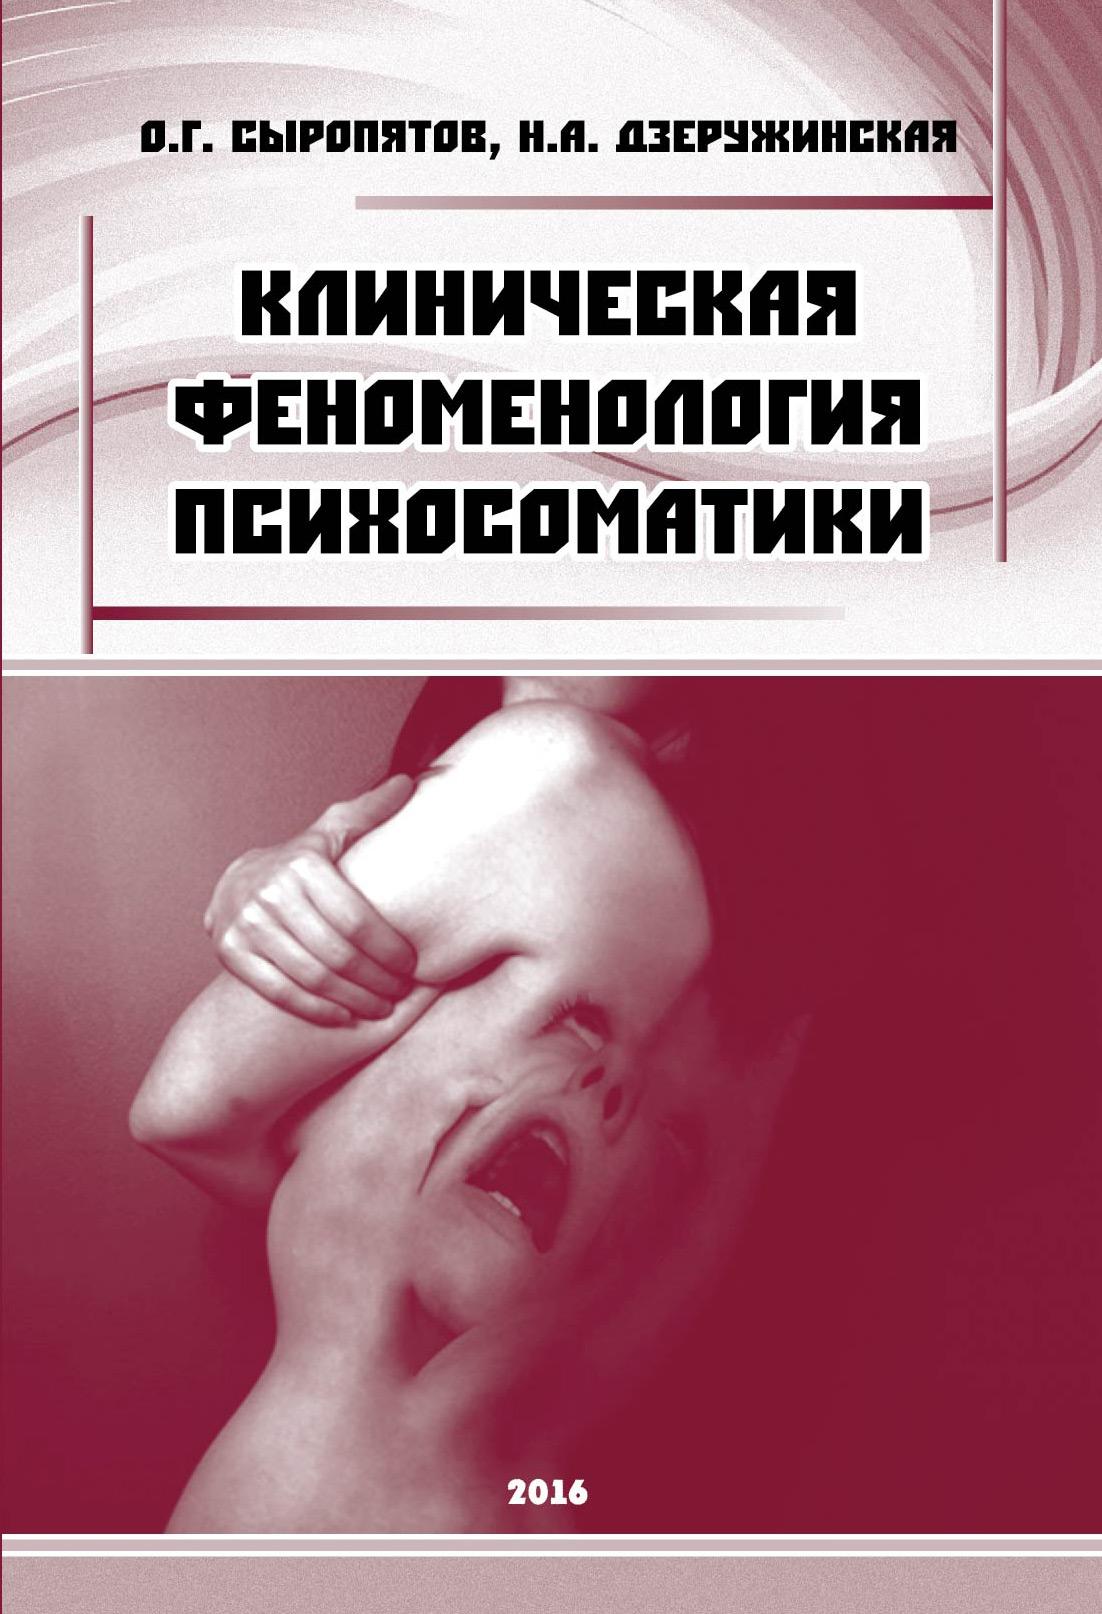 О. Г. Сыропятов Клиническая феноменология психосоматики о г сыропятов основы психофармакотерапии пособие для врачей